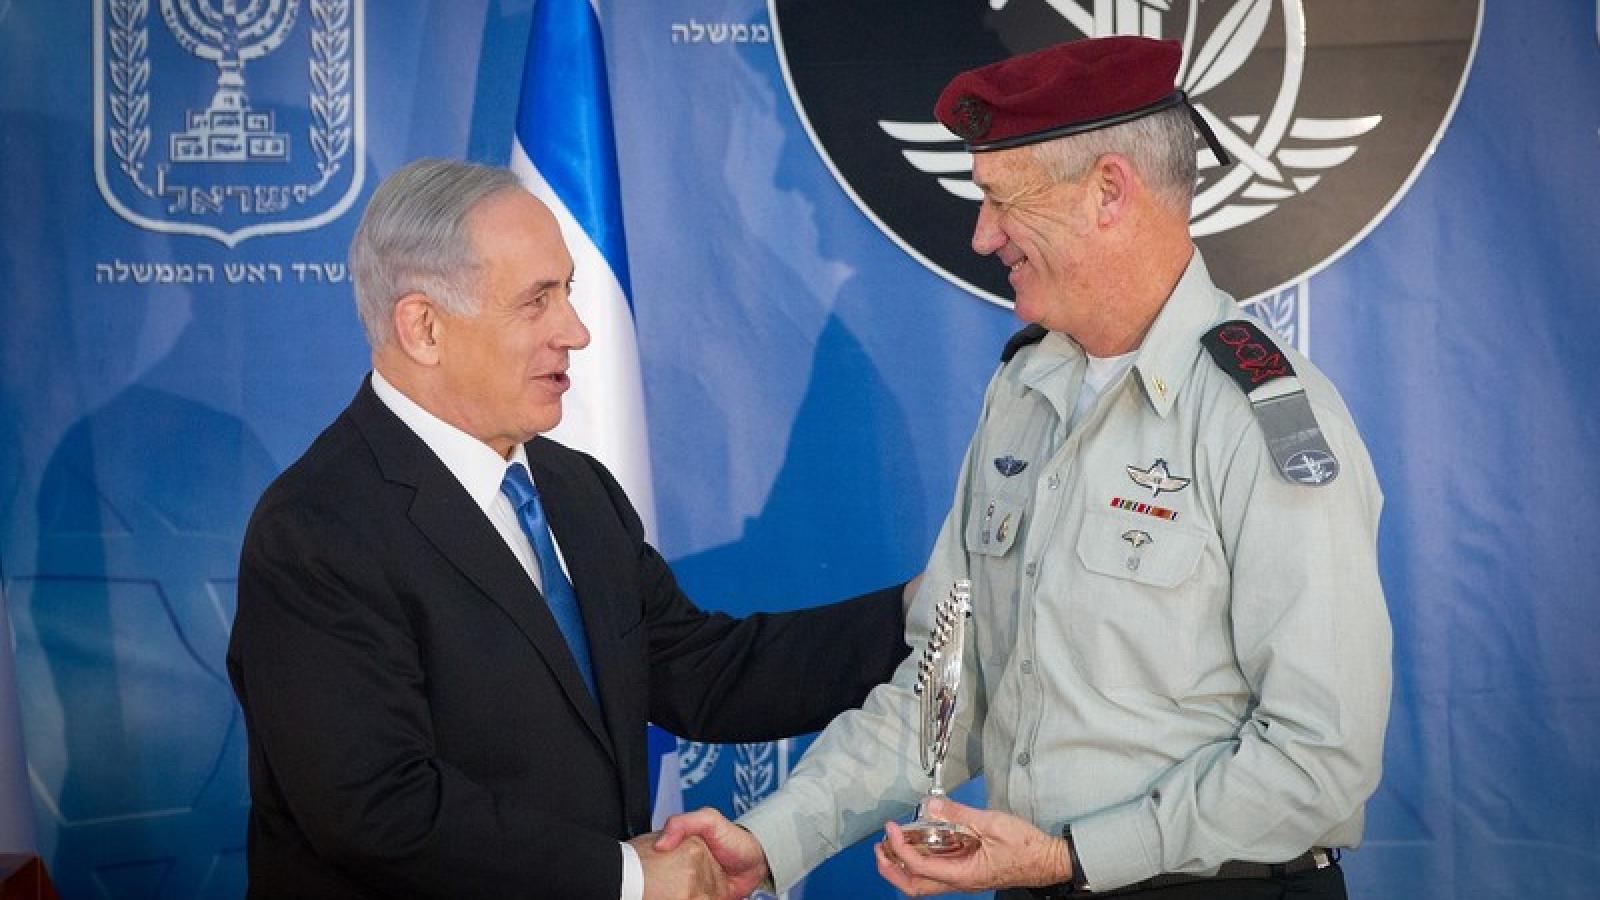 Các bên tại Israel đạt được thỏa thuận thành lập chính phủ liên minh